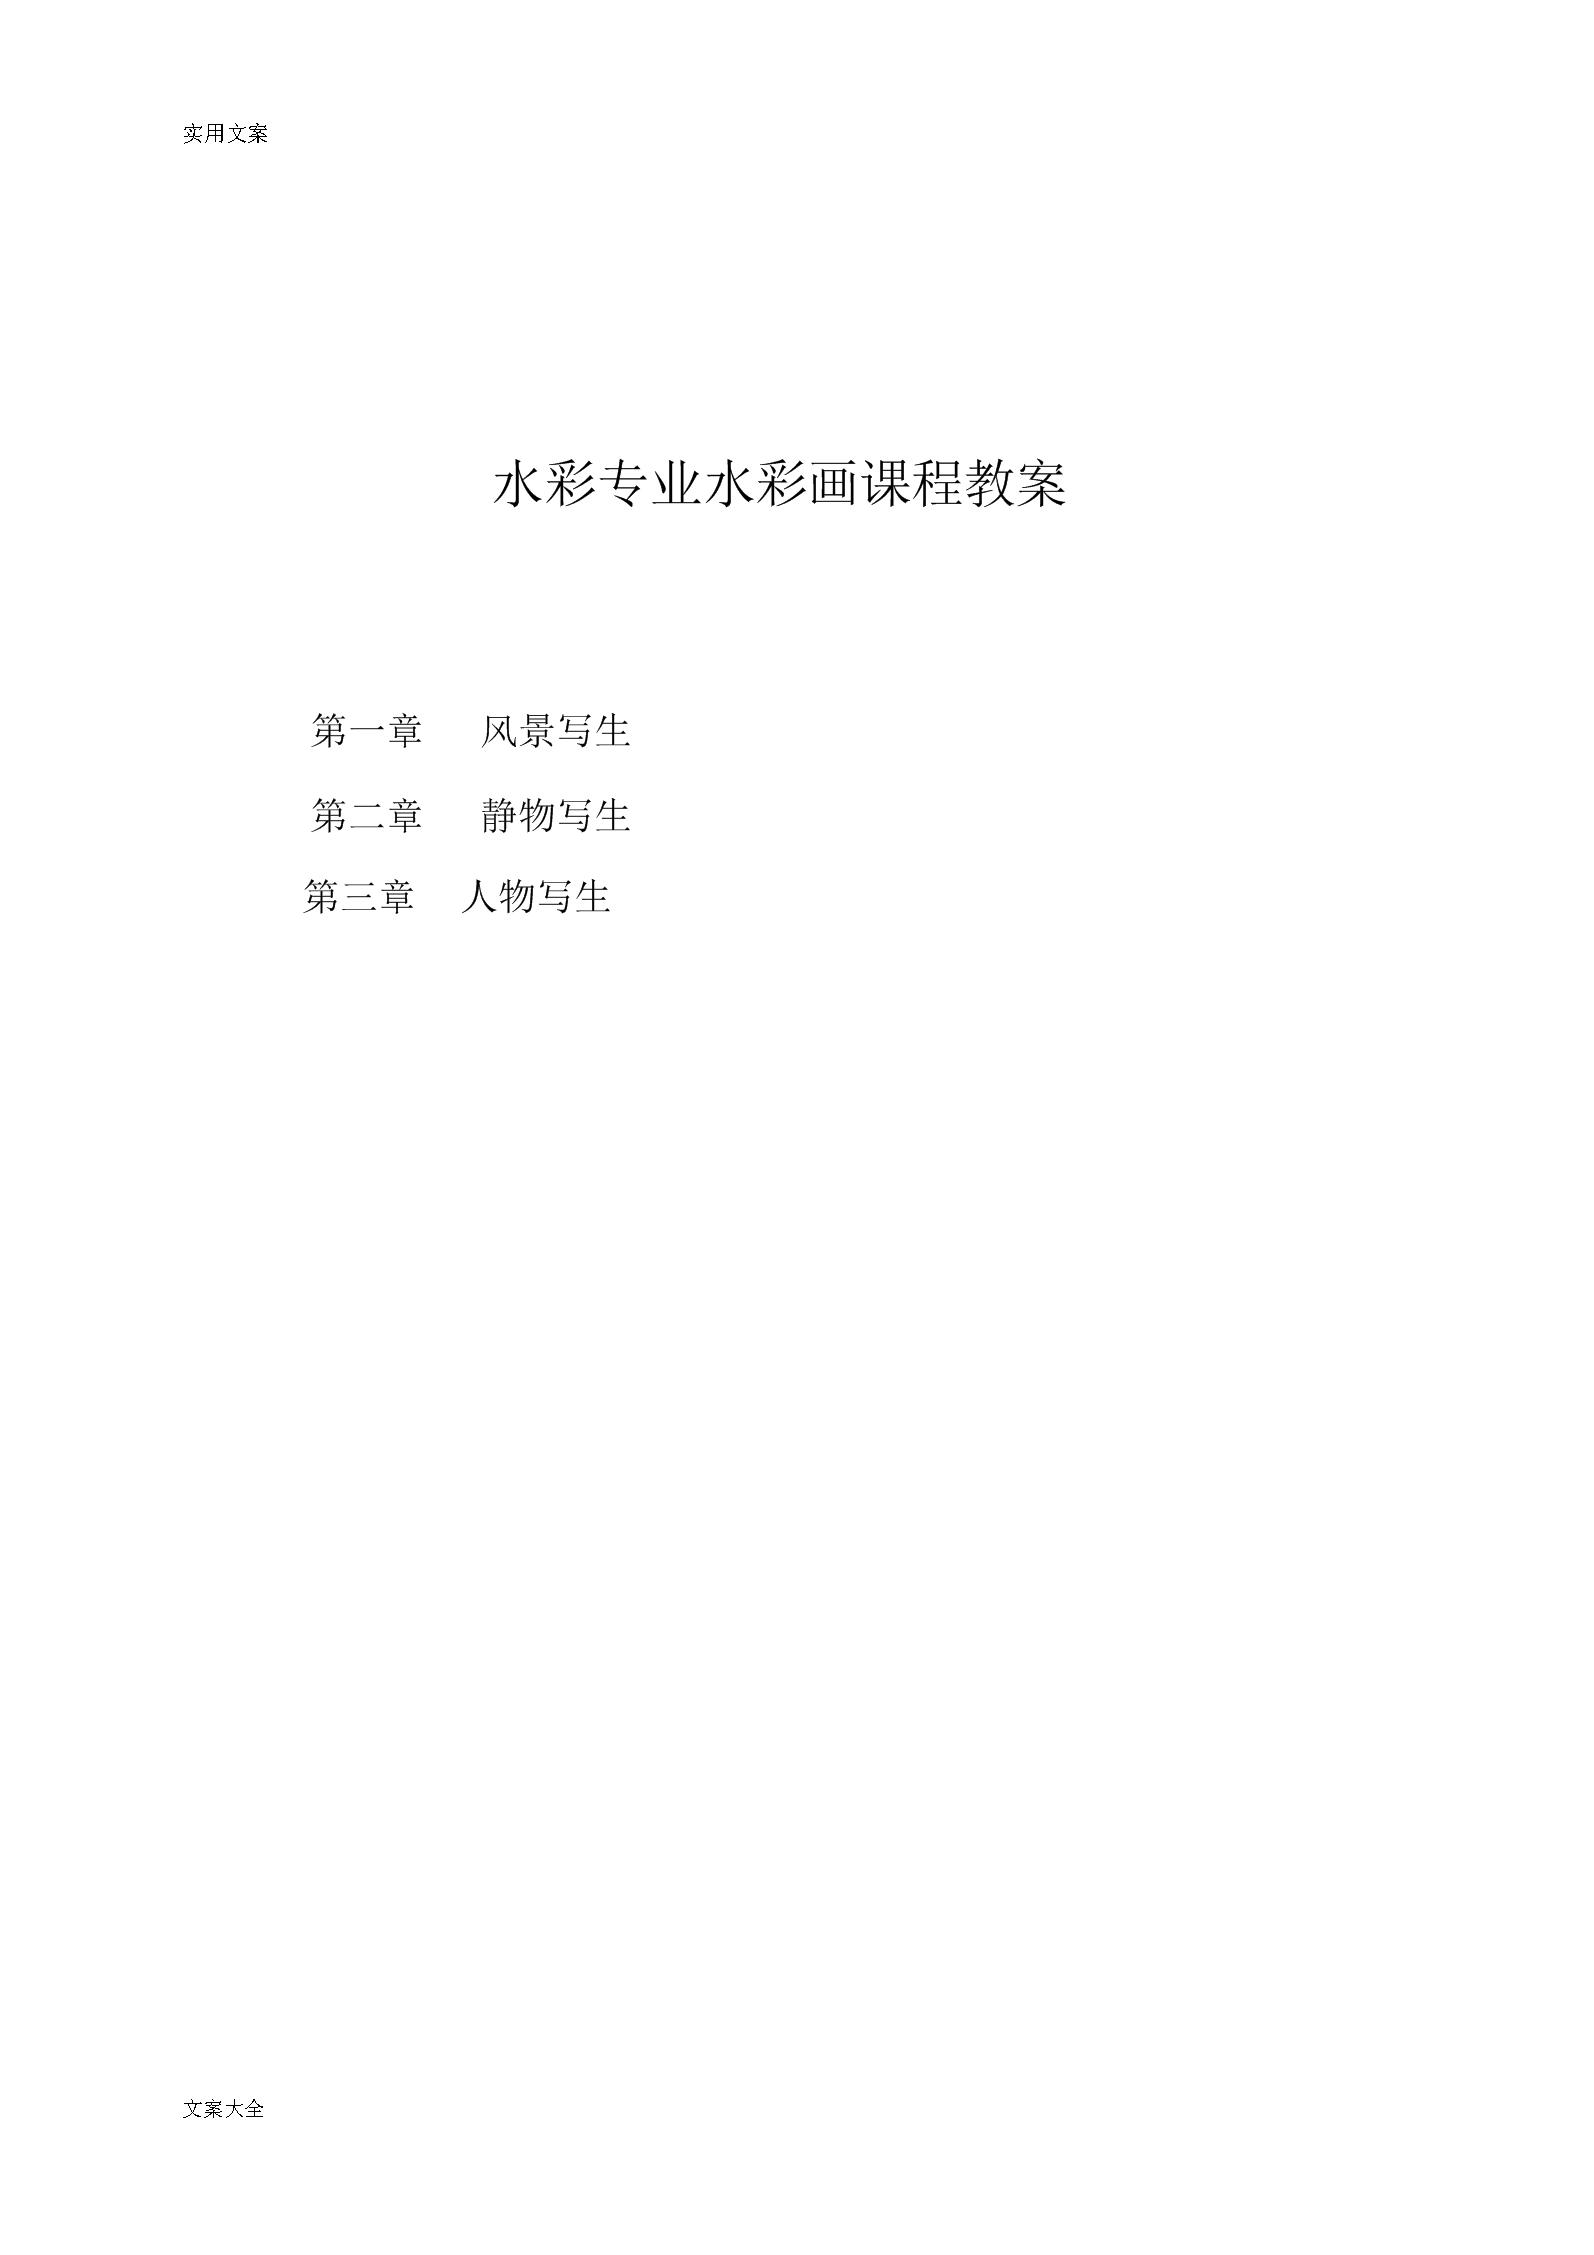 水彩专业水彩画课程教案设计.docx